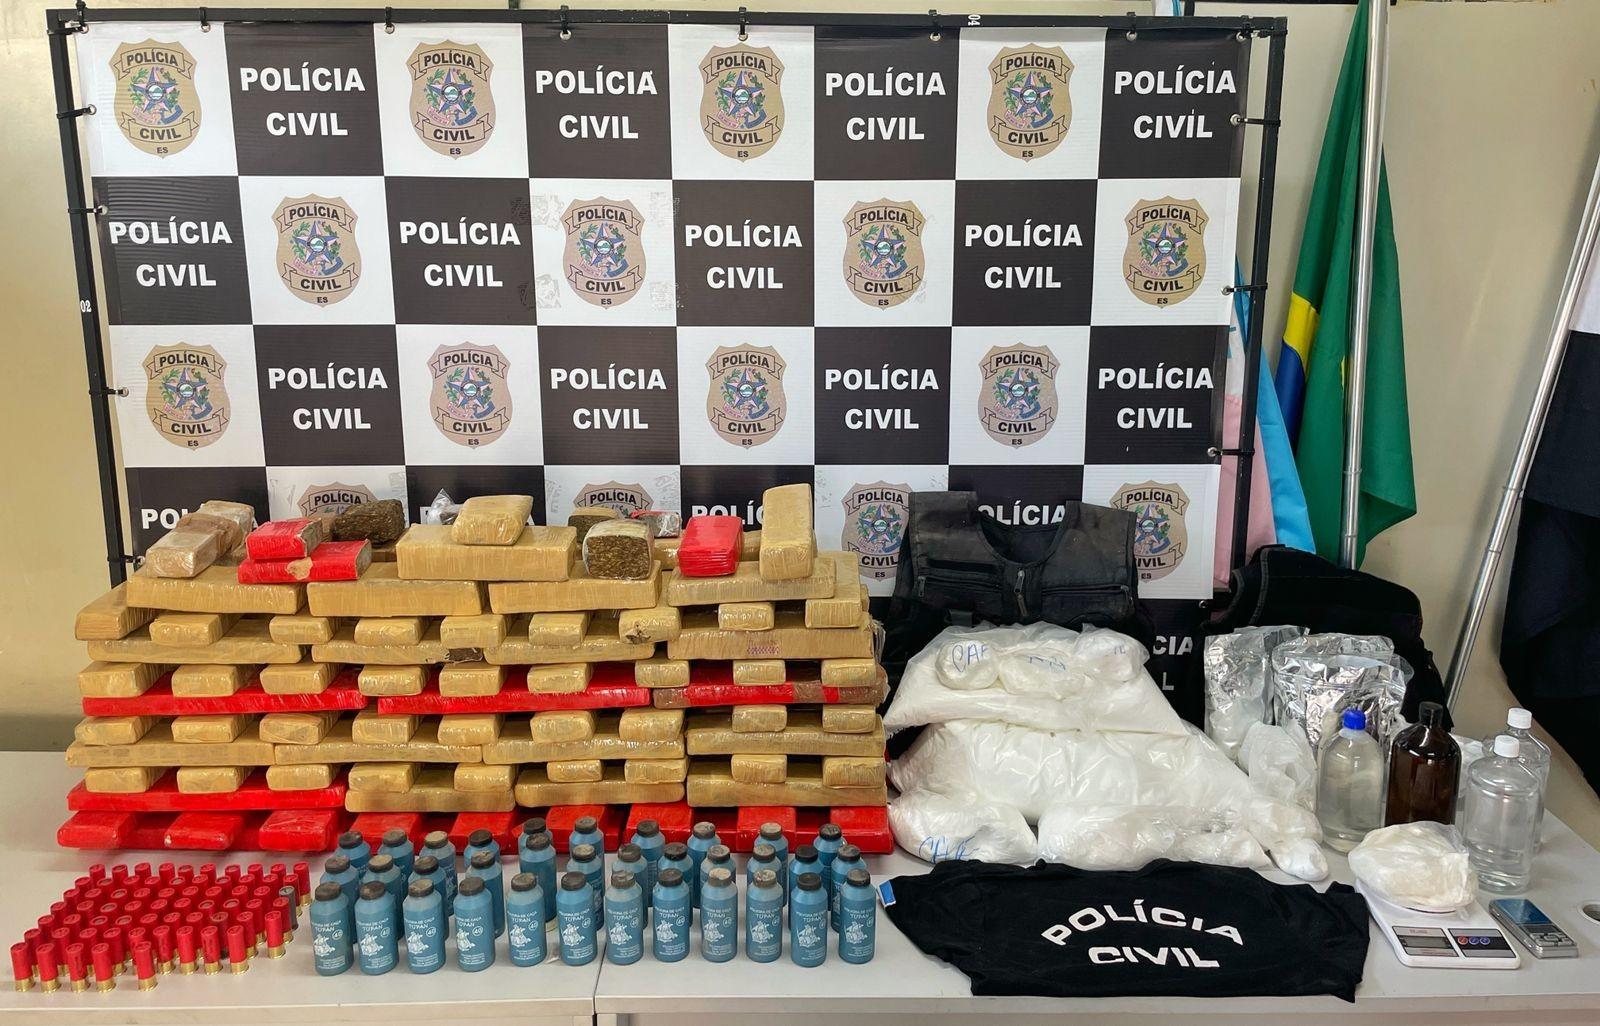 Polícia apreende 90 kg de drogas em 'laboratório do tráfico' de Vila Velha, ES